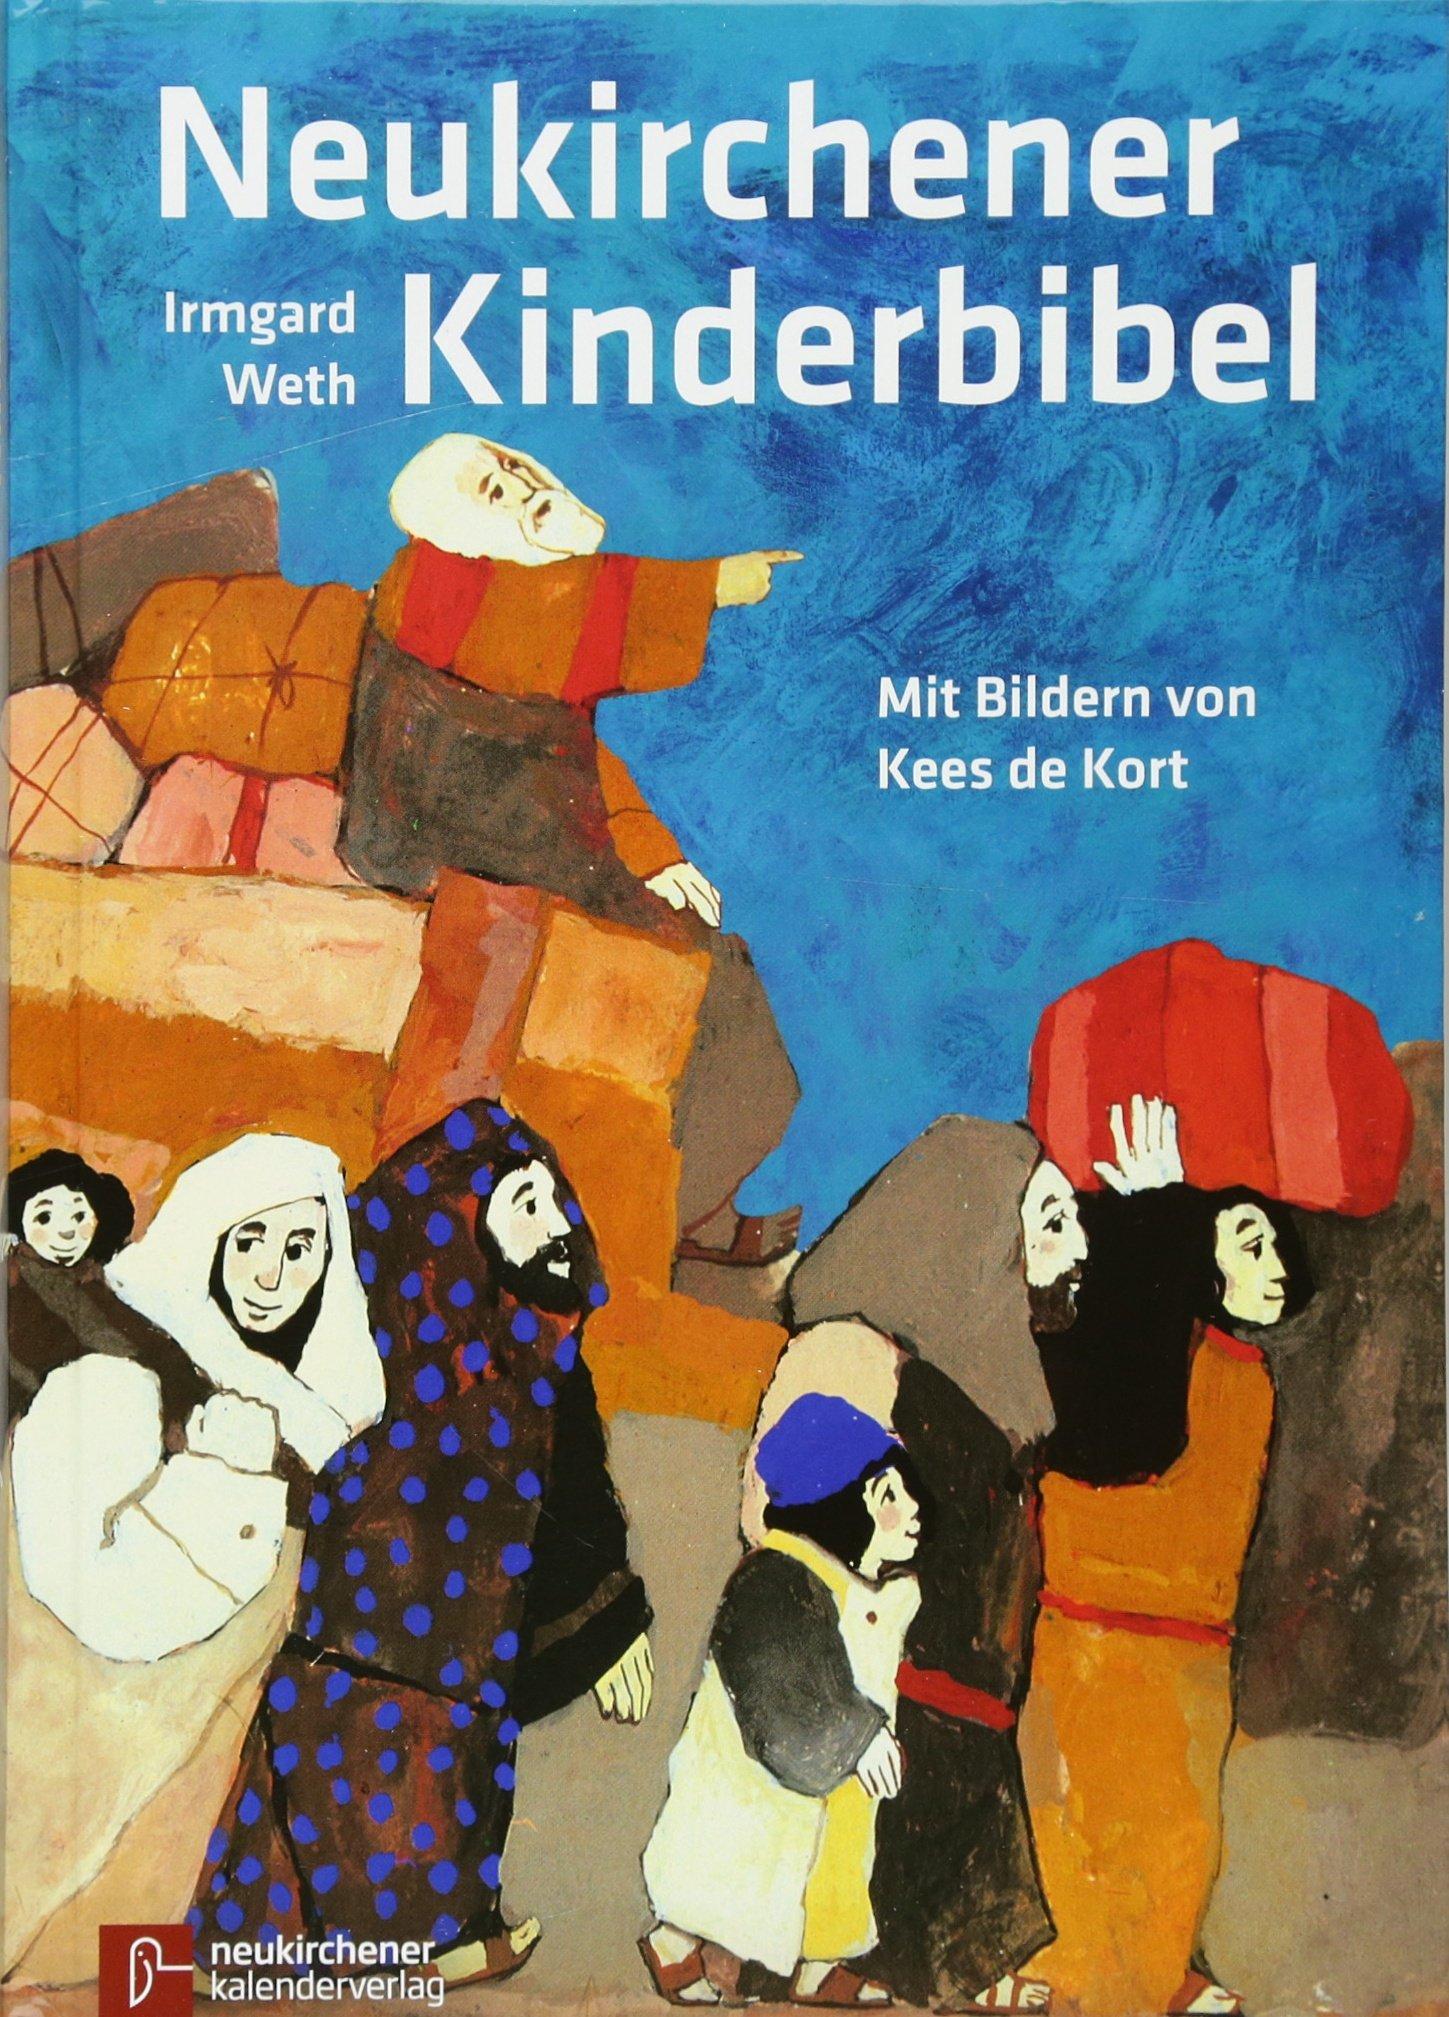 Neukirchener Kinder Bibel  Mit Neuen Bildern Und 16 Neuen Geschichten. In Neuer Rechtschreibung